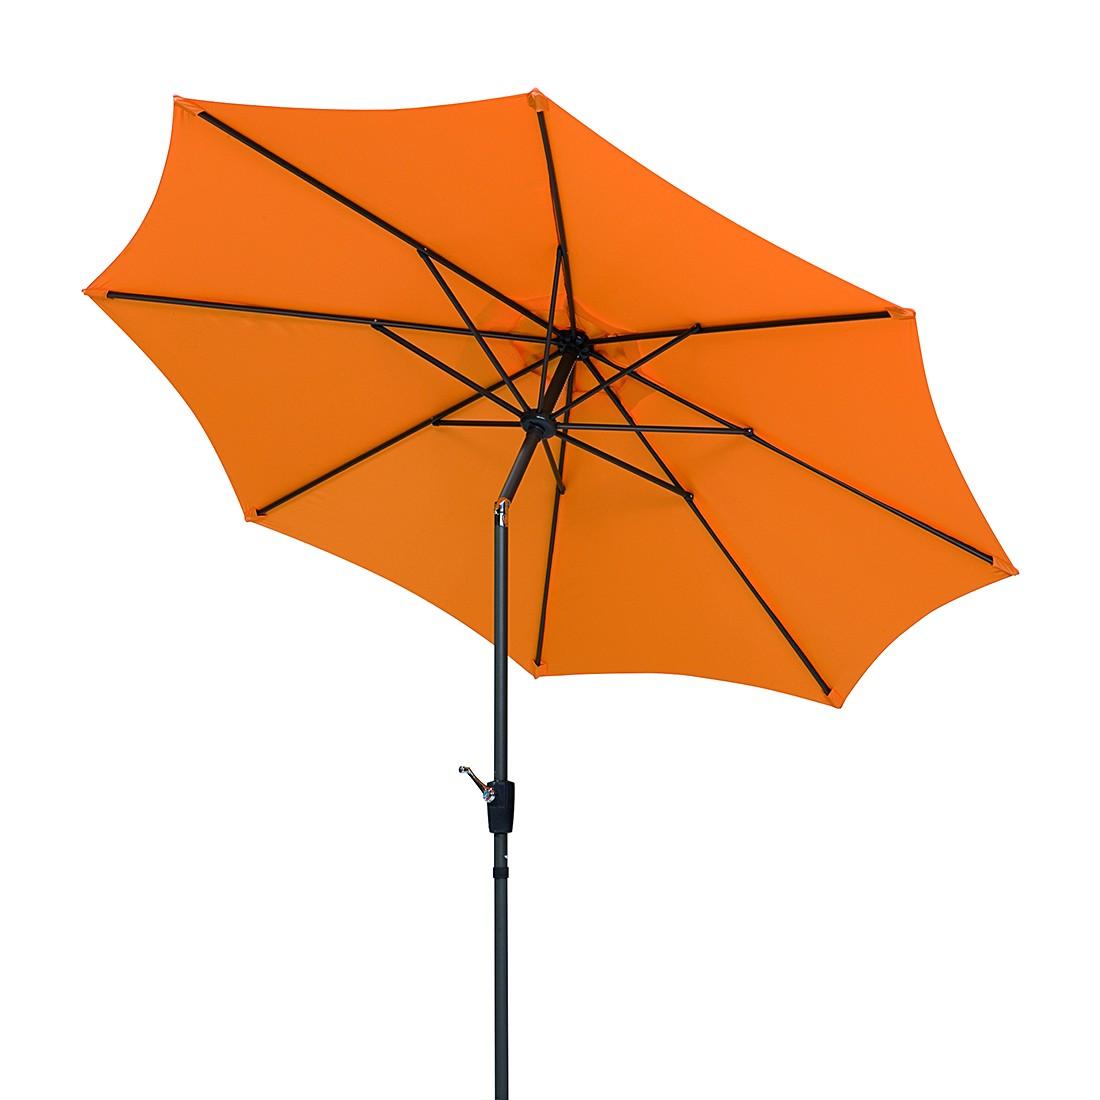 vente parasol pied de parasol tritoo maison et jardin. Black Bedroom Furniture Sets. Home Design Ideas